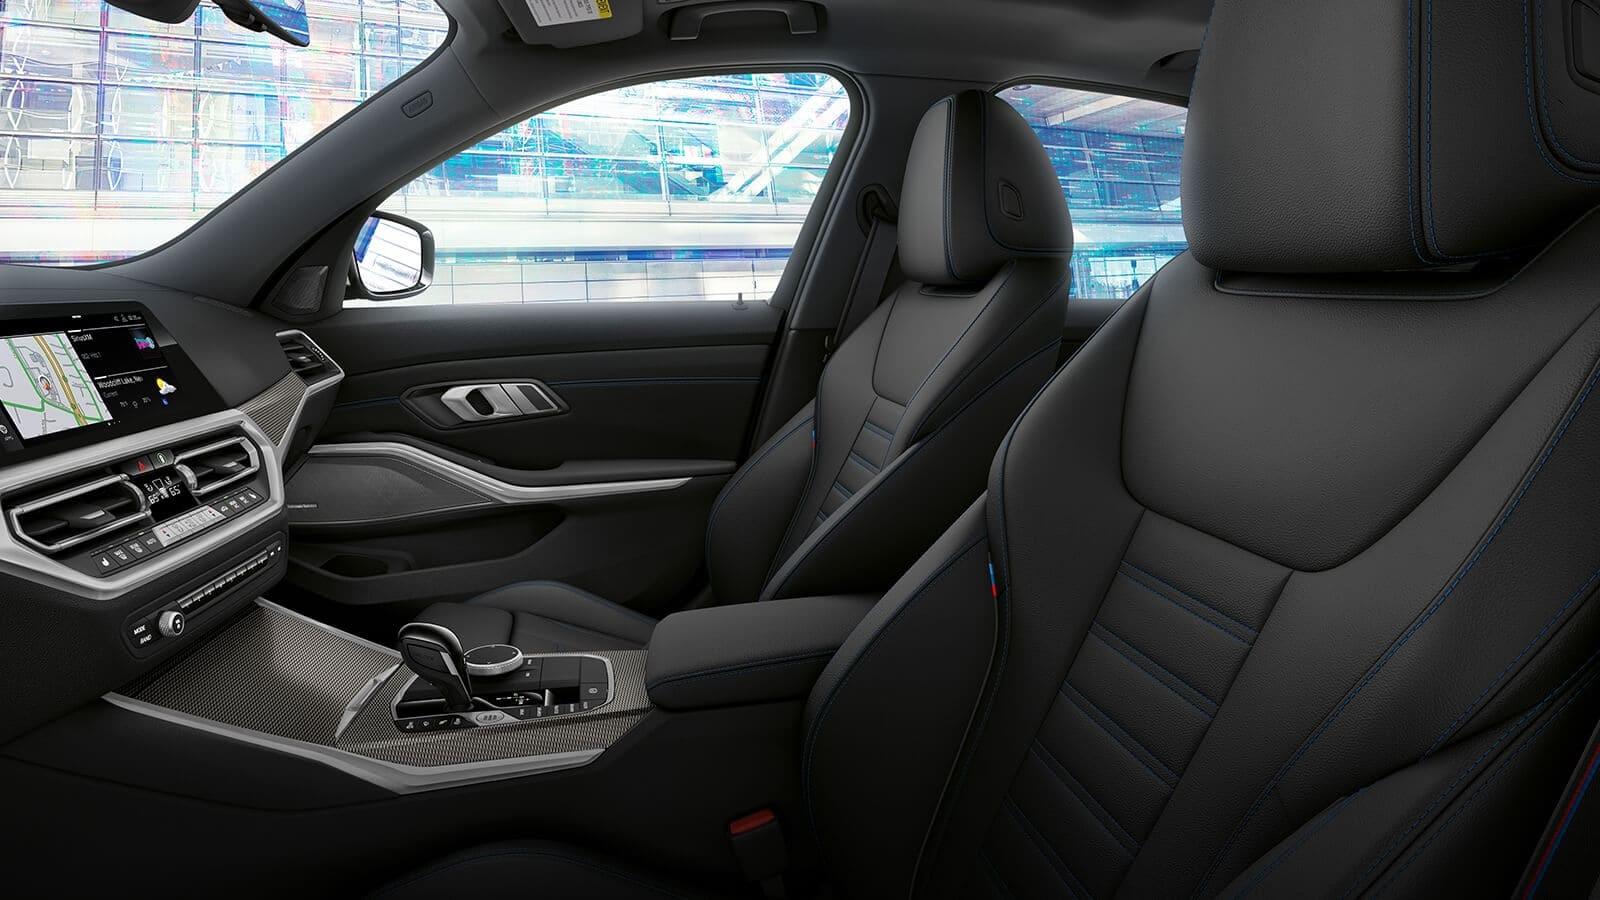 2020 BMW 3 Series Seating